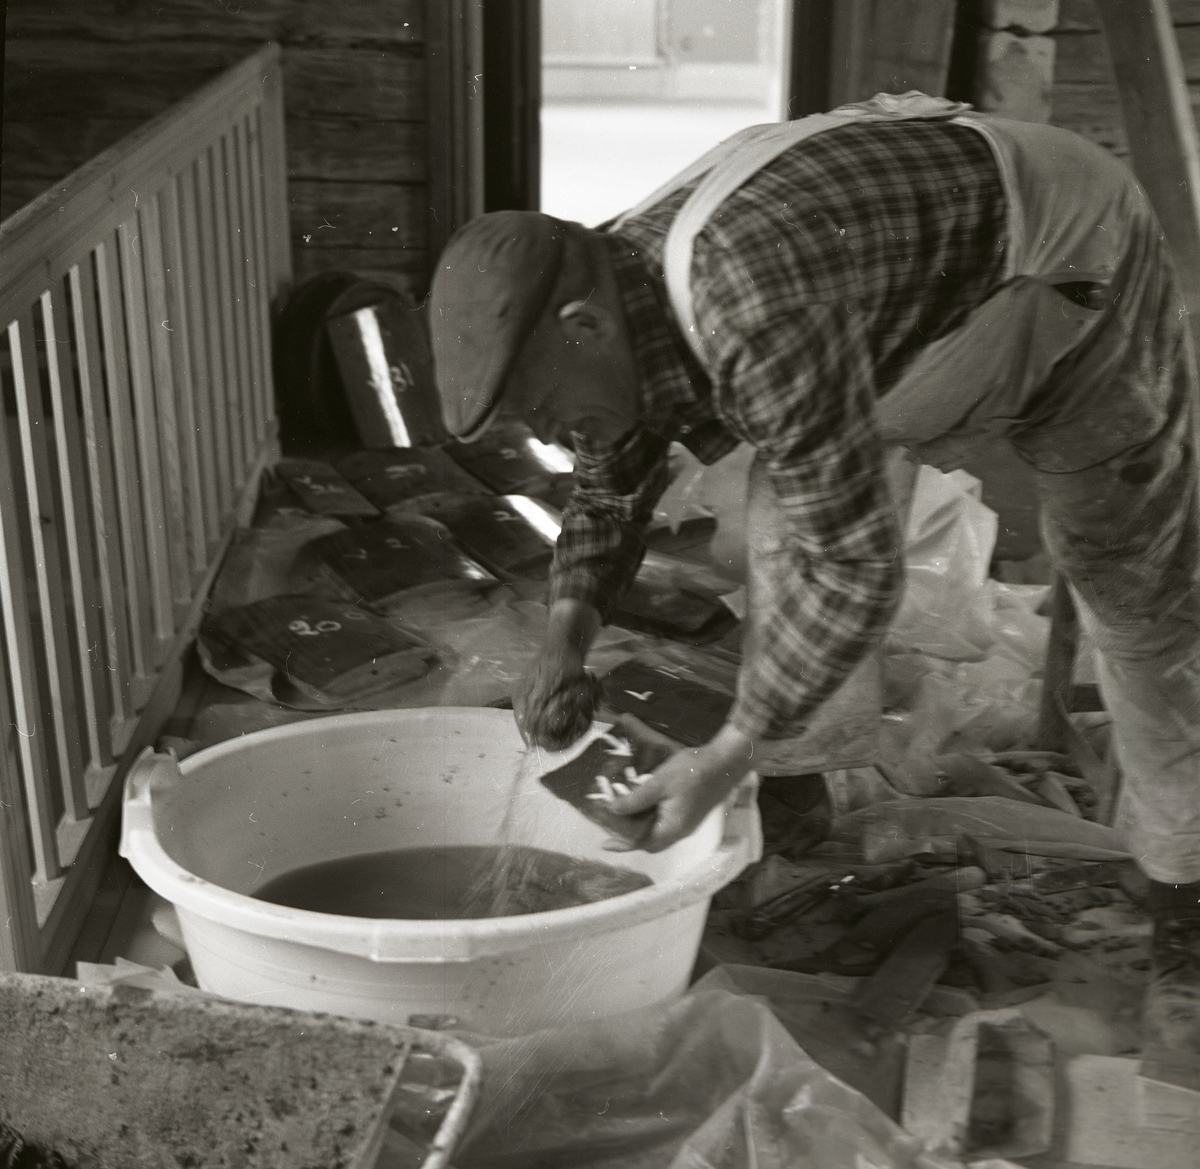 En man tillverkar murburk i en balja, 1968.